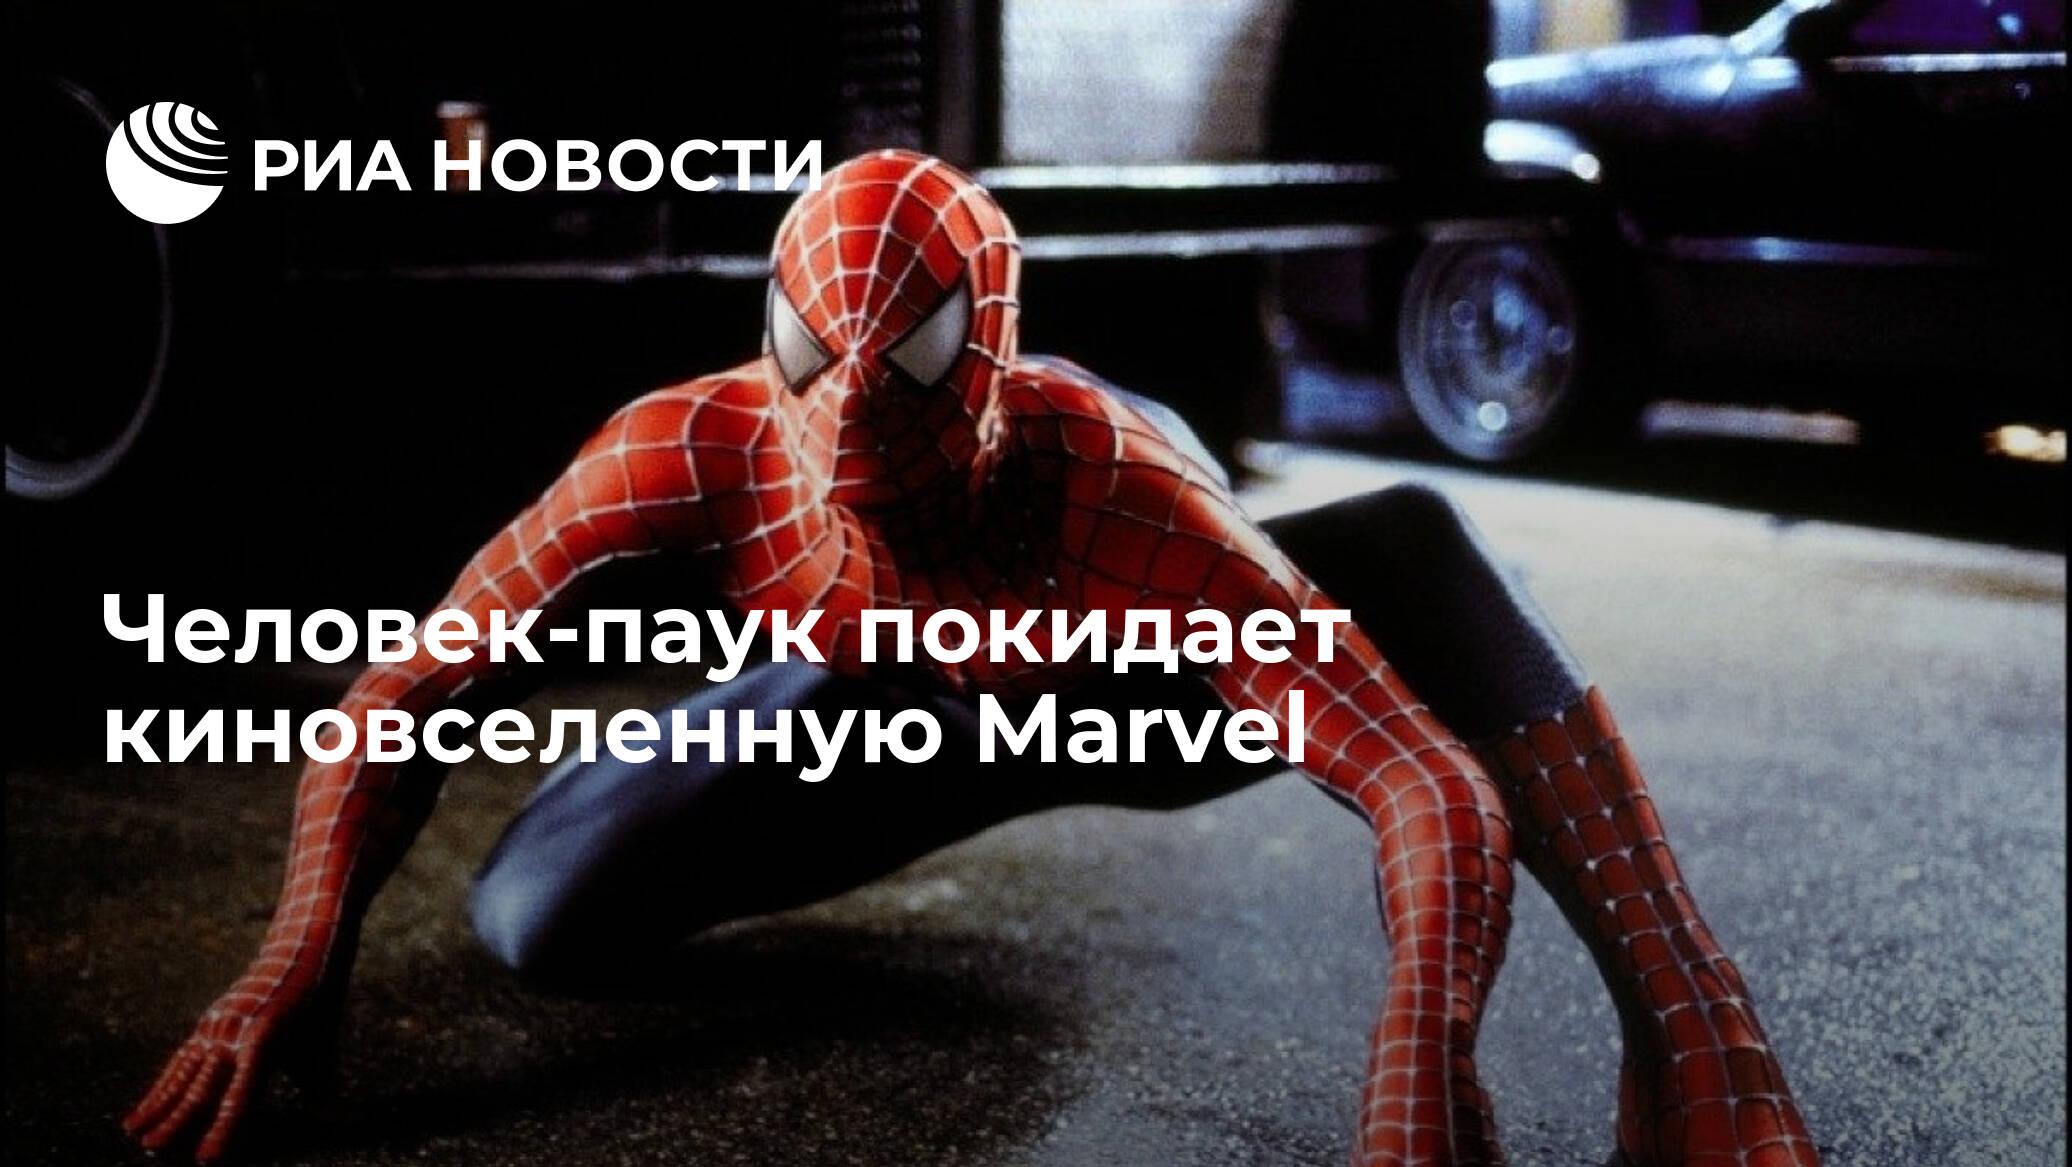 Человек-паук покидает киновселенную Marvel - РИА Новости